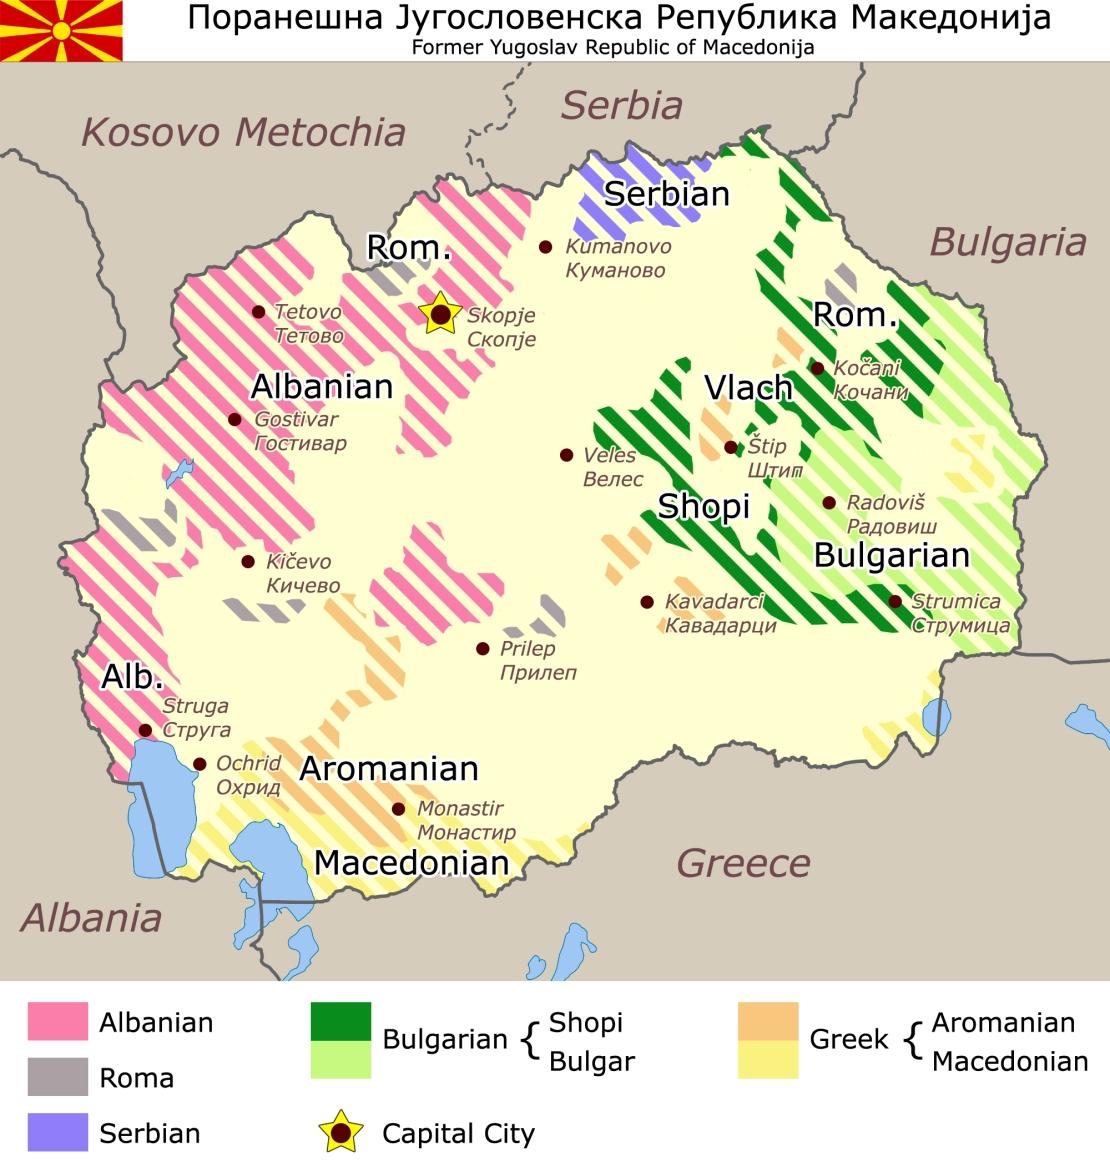 macedonija-map-minorities.jpg